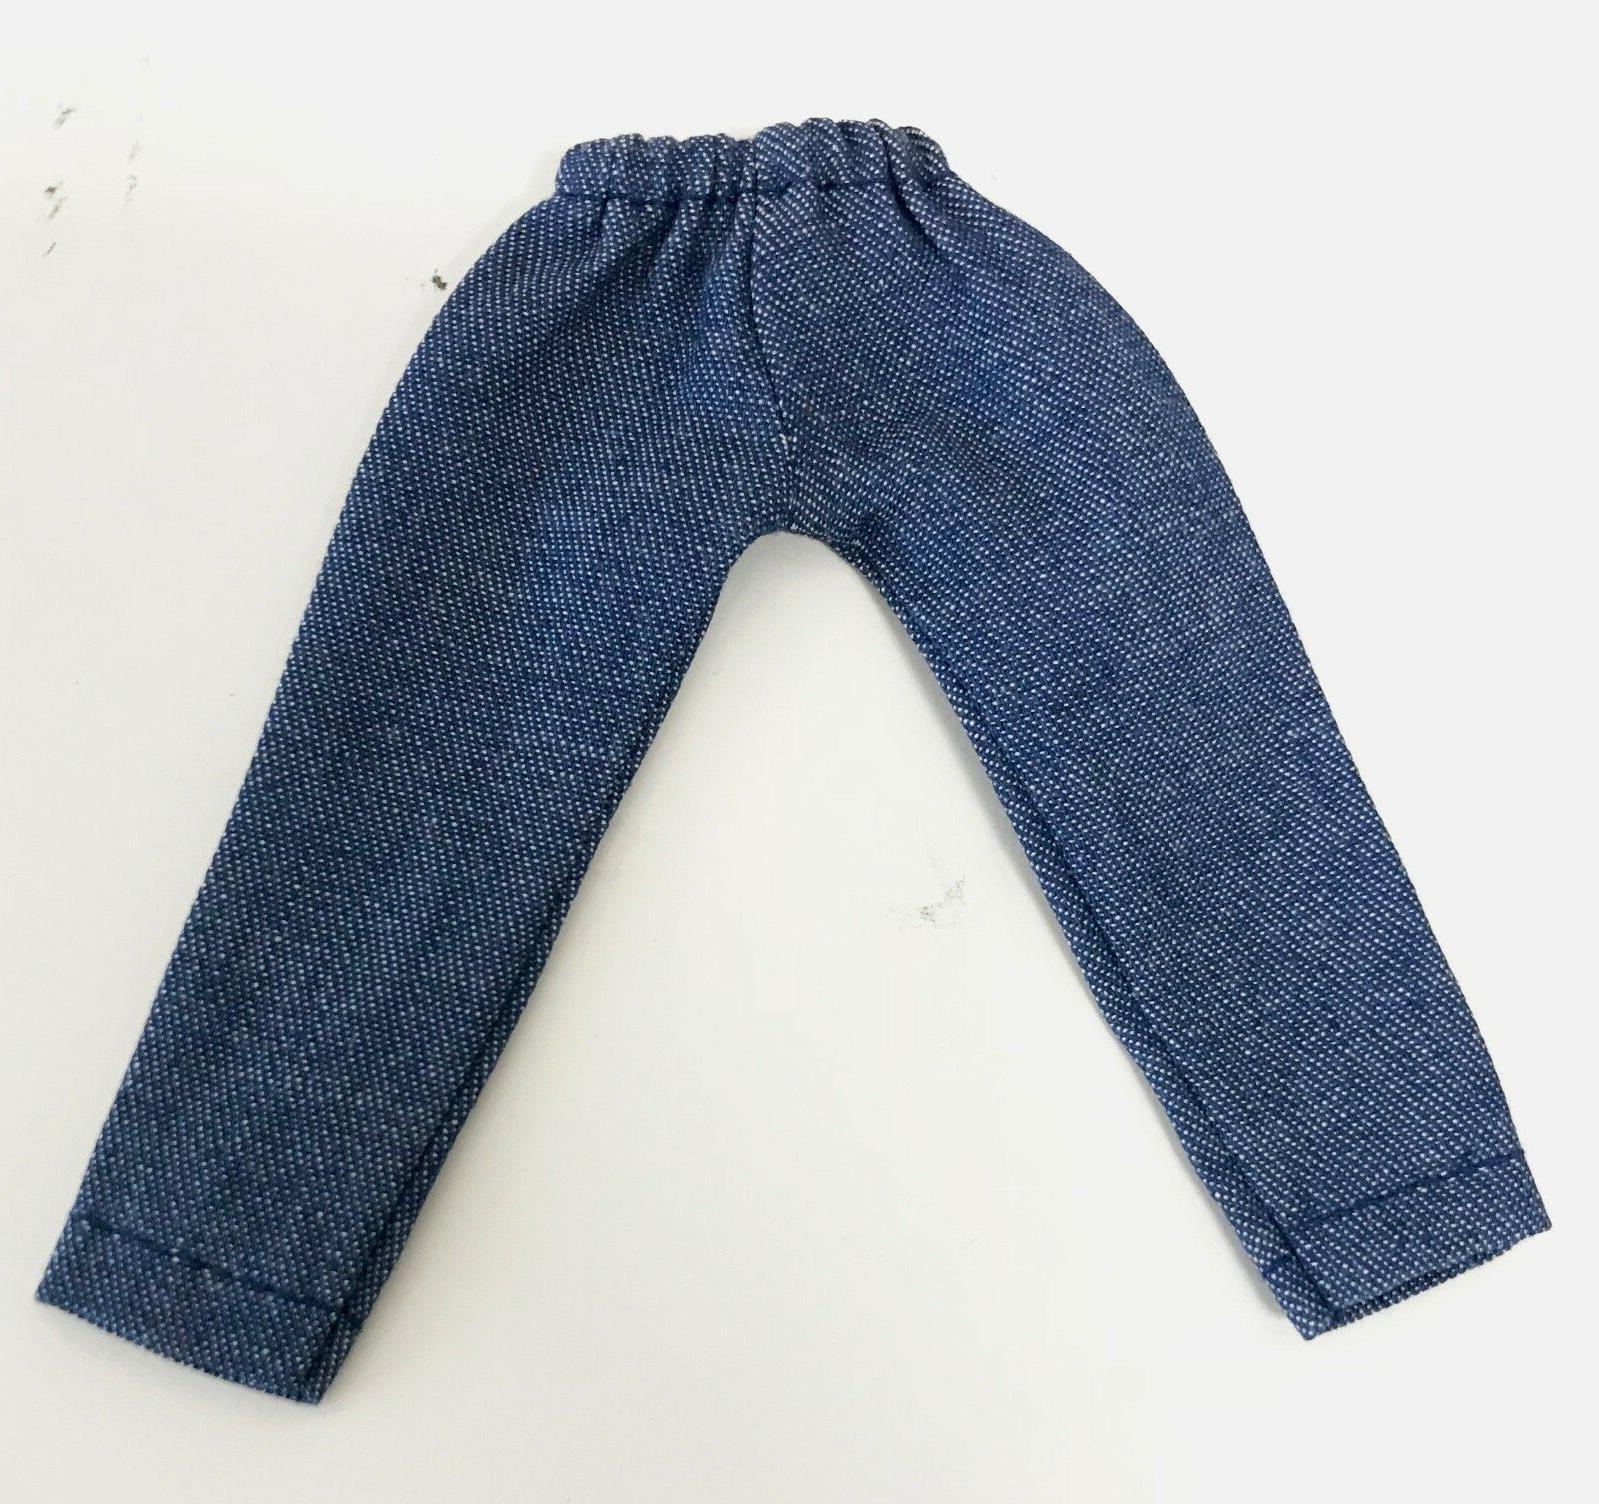 SU-JEANS-BU: Jeans